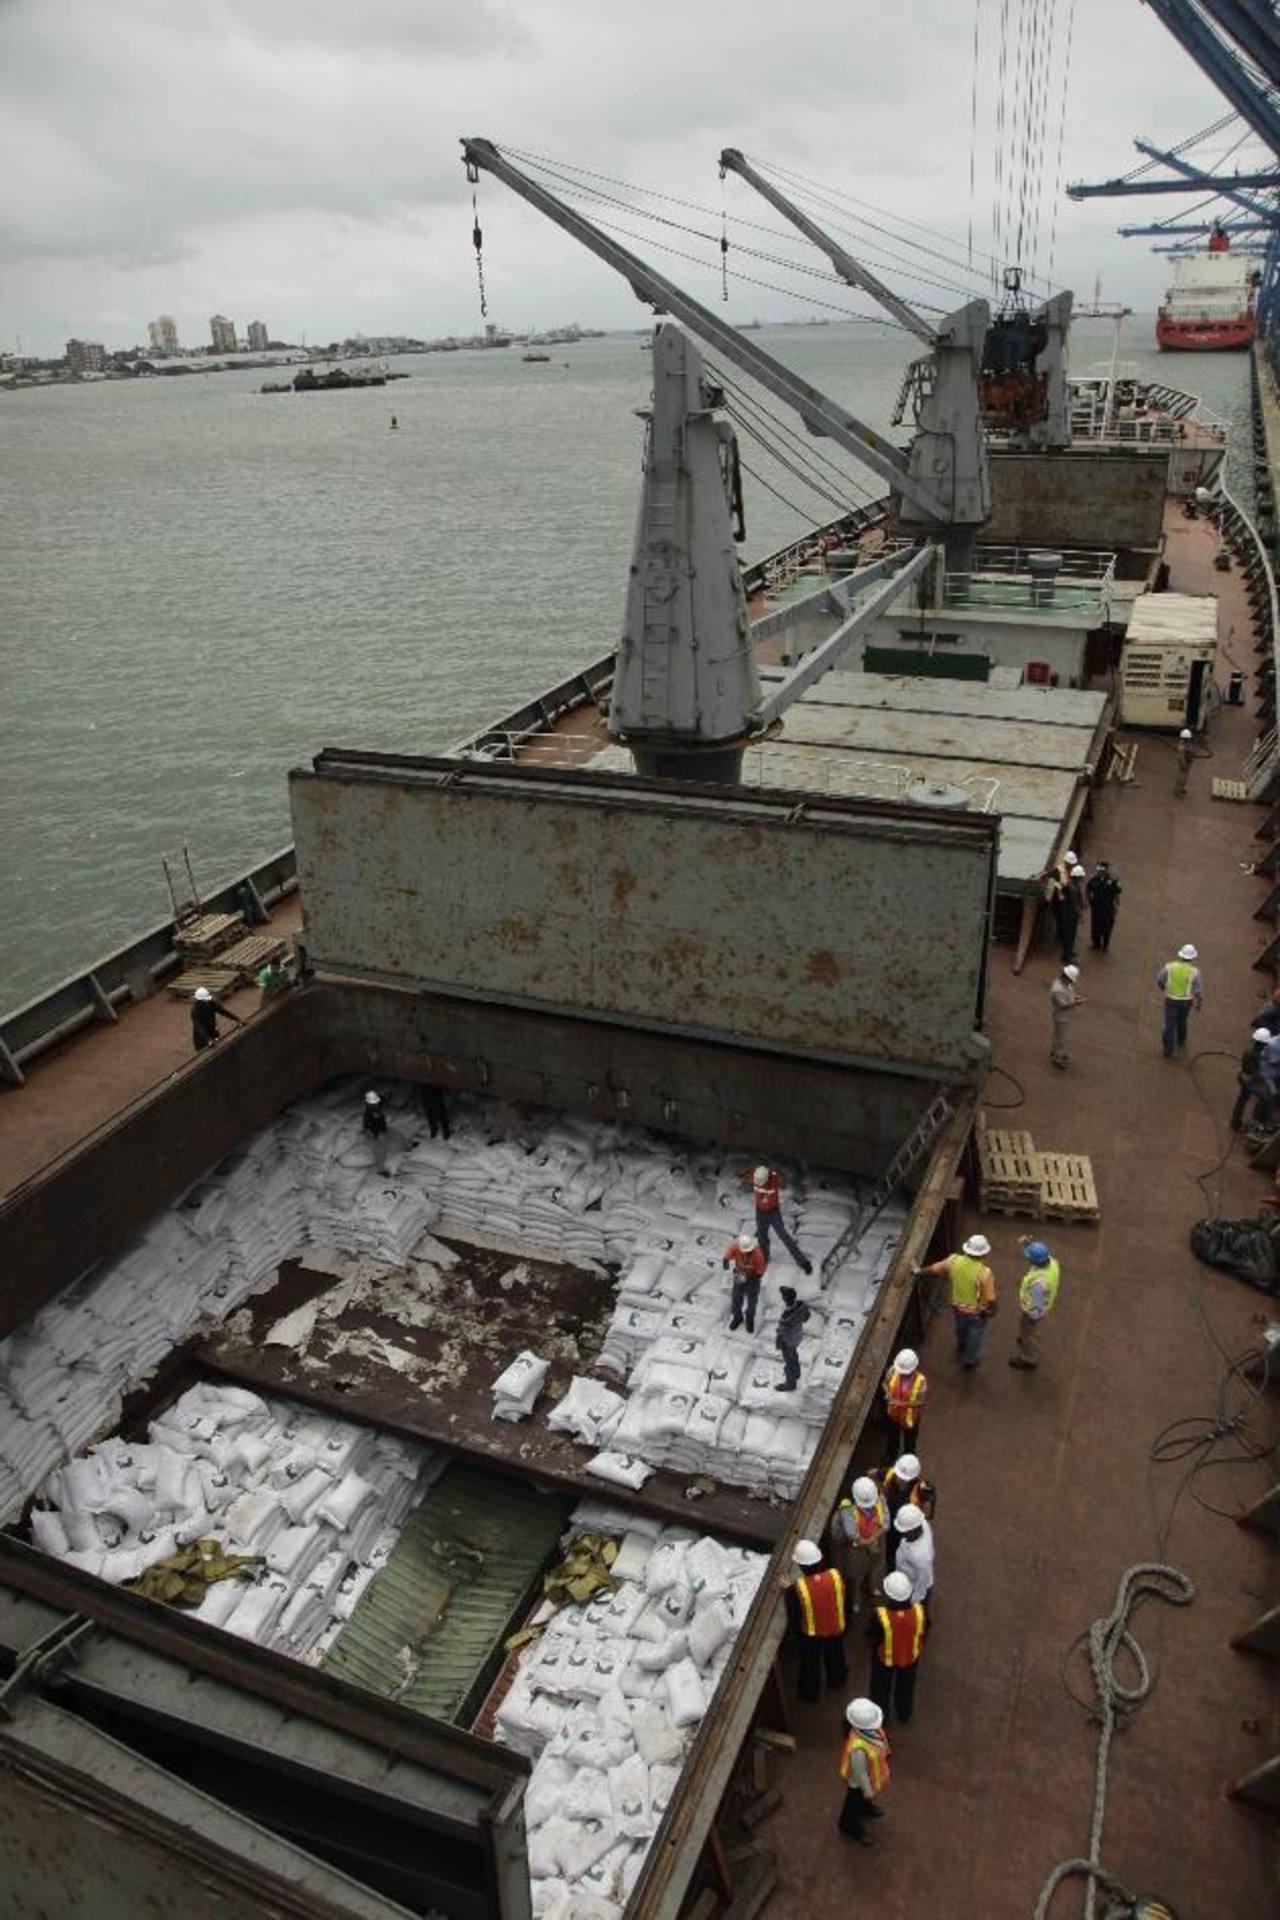 Agentes panameños seguían ayer descargando azúcar del Chong Chon Gang. Foto EDH /archivo Agentes panameños seguían ayer descargando azúcar del barco norcoreano Chong Chon Gang. Foto EDH /archivo